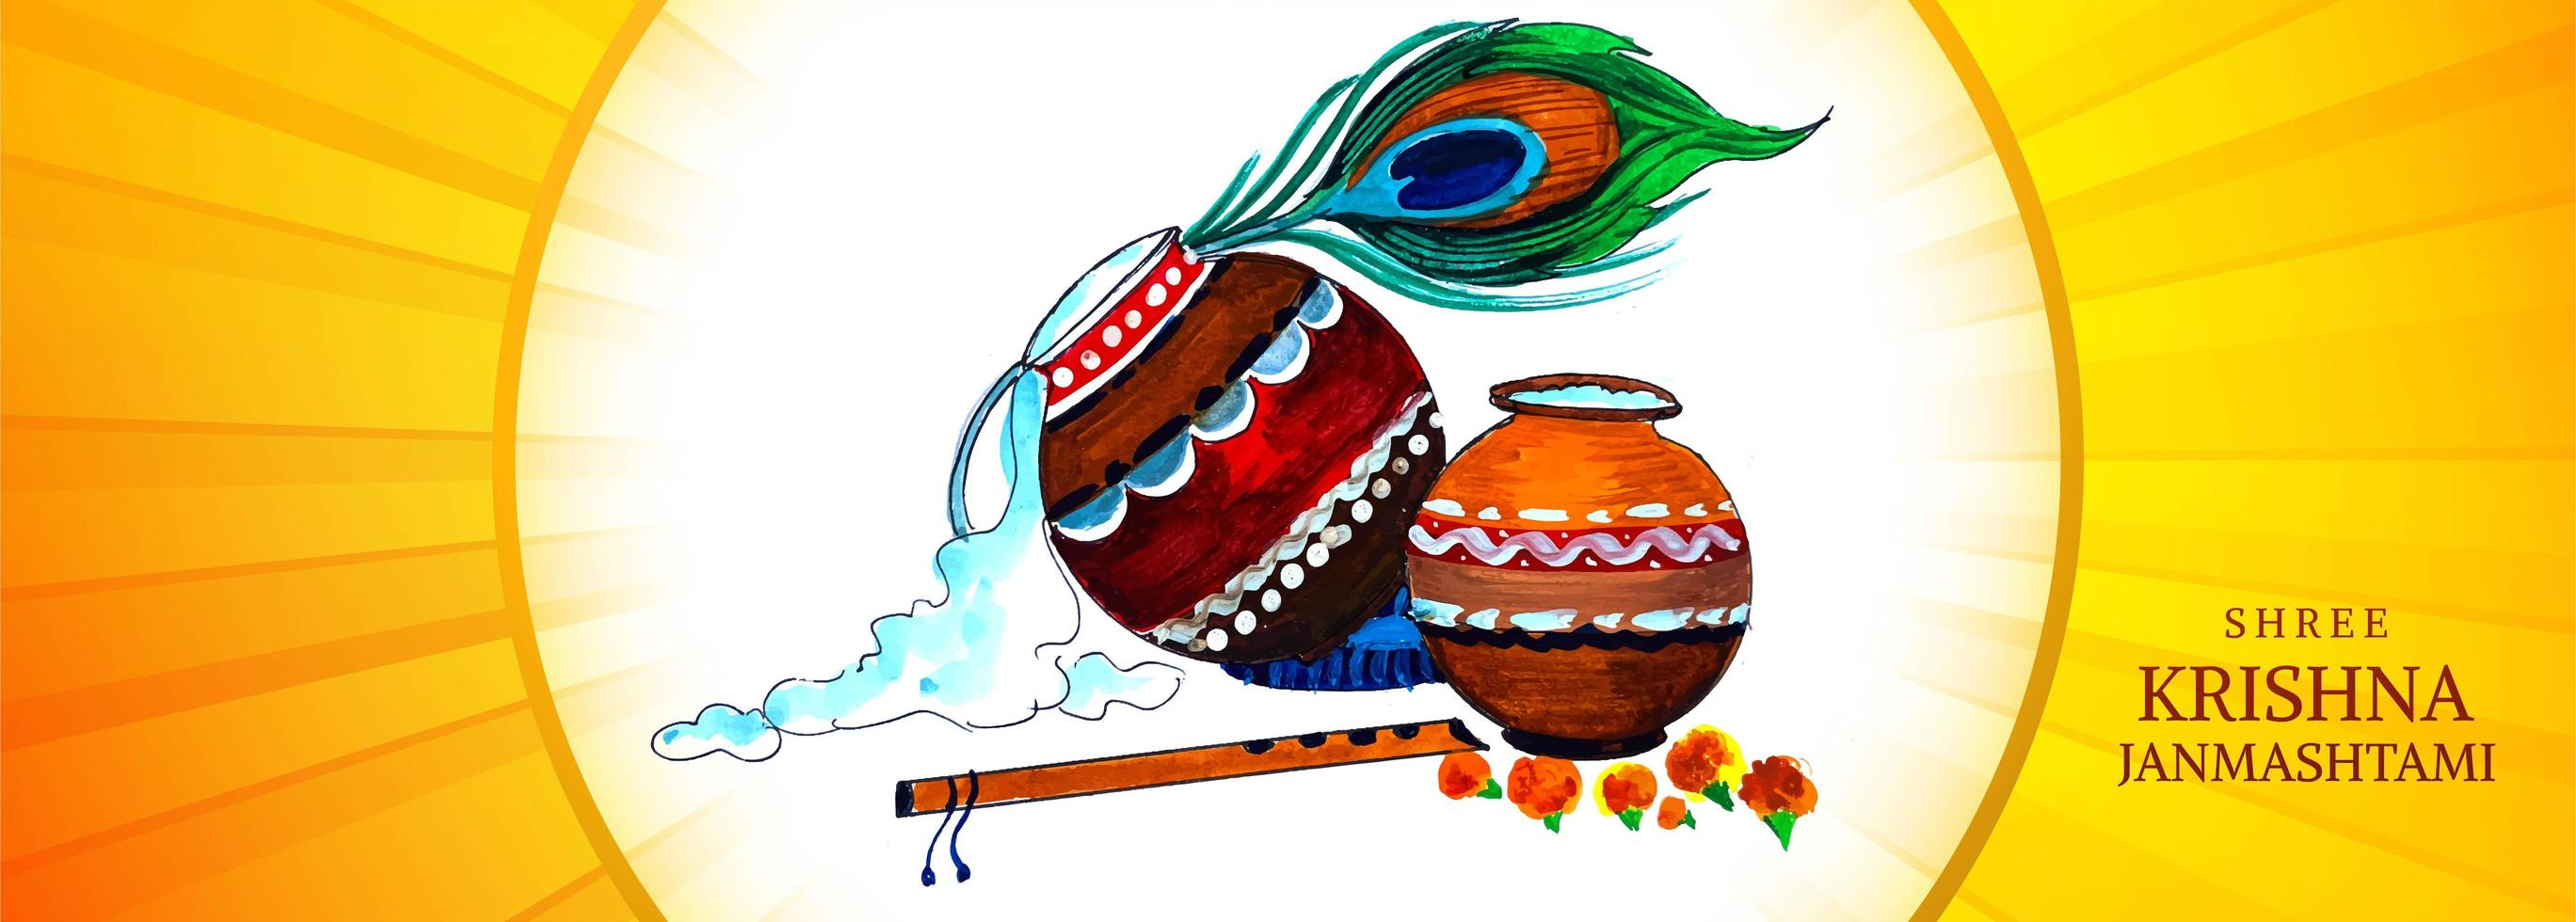 religieuze kleurrijke potten krishna janmashtami kaart banner ontwerp vector